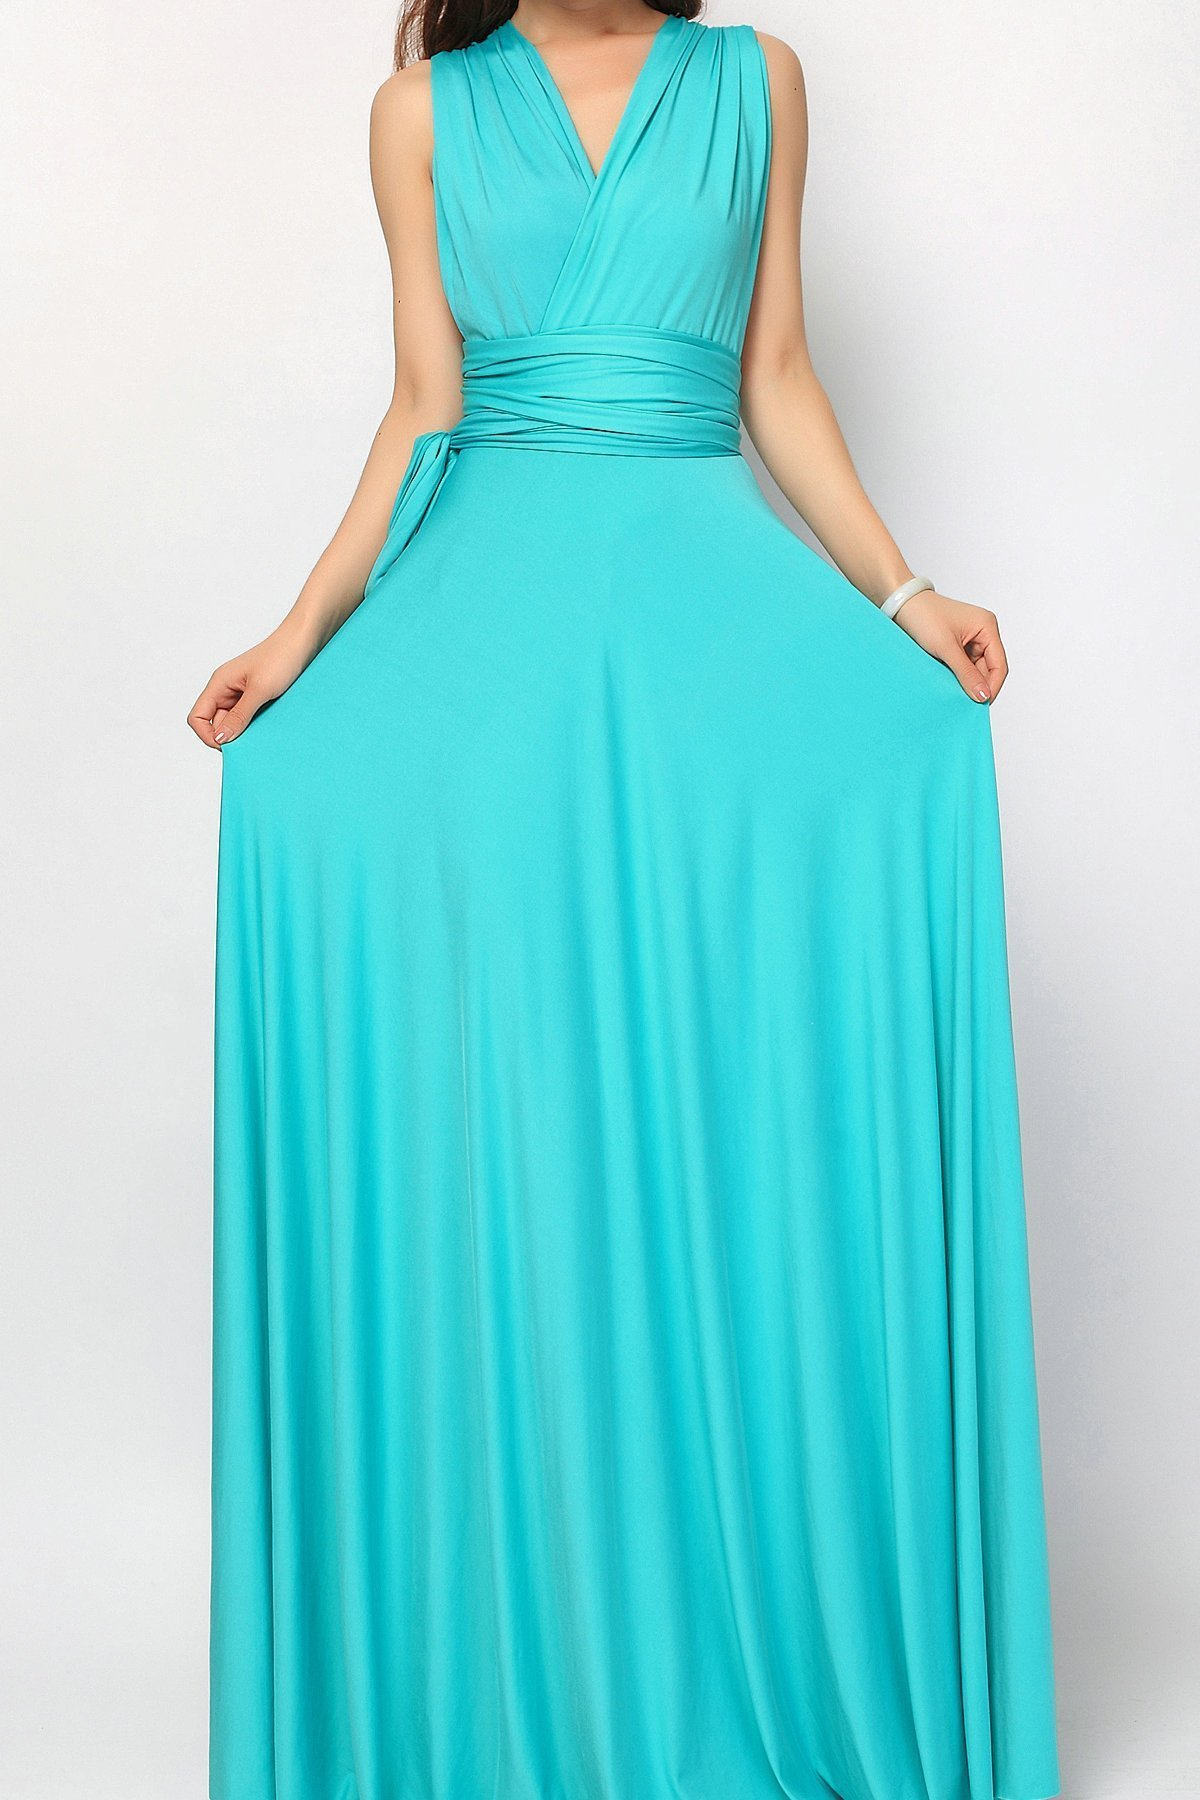 kak-nosit-plate-transformer-foto_44 Платье трансформер: варианты вечерних платьев. Как сшить платье со съемной юбкой своими руками?